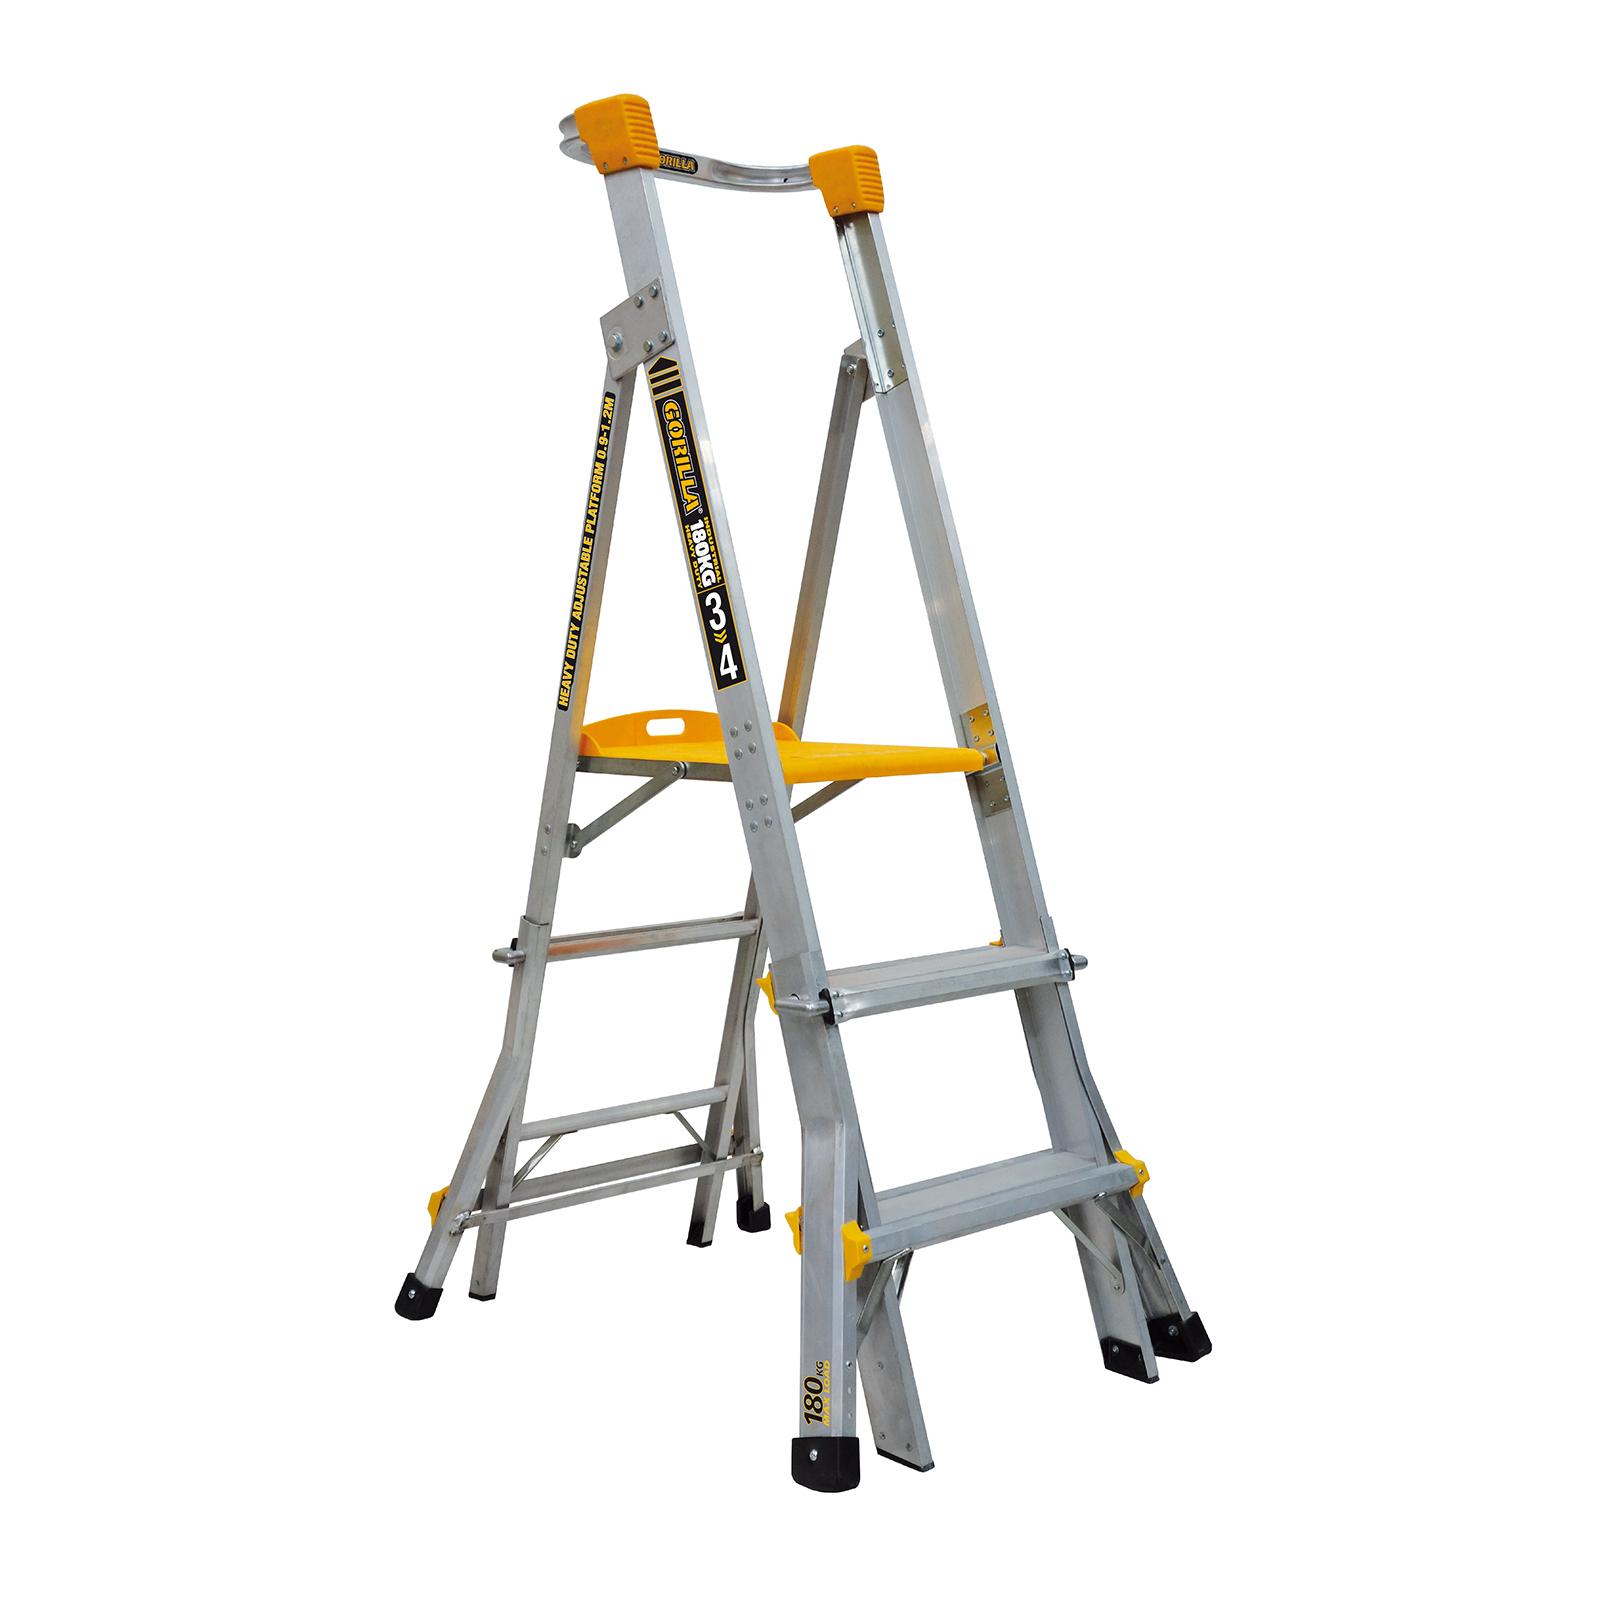 Gorilla 0.9-1.2m Heavy Duty Adjustable Aluminium Platform Ladder